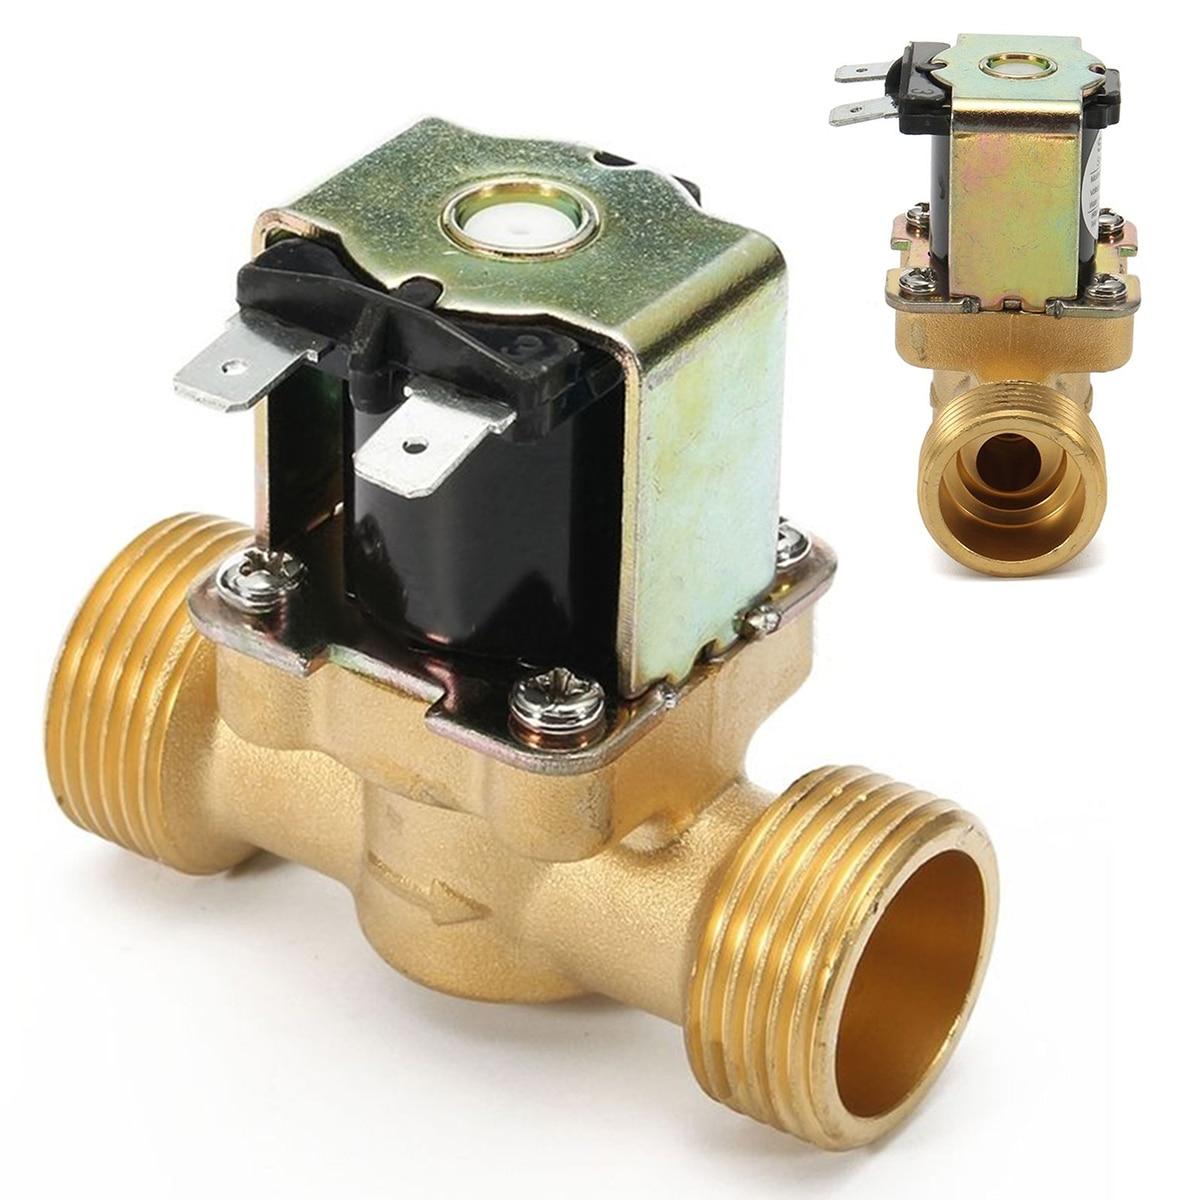 NEUE Neue 3/4 ZOLL NPSM 12 v DC Schlank Messing Elektrische Magnetventil Gas Wasser Luft In Der Regel Geschlossen 2 Weg 2 Position Membran Val